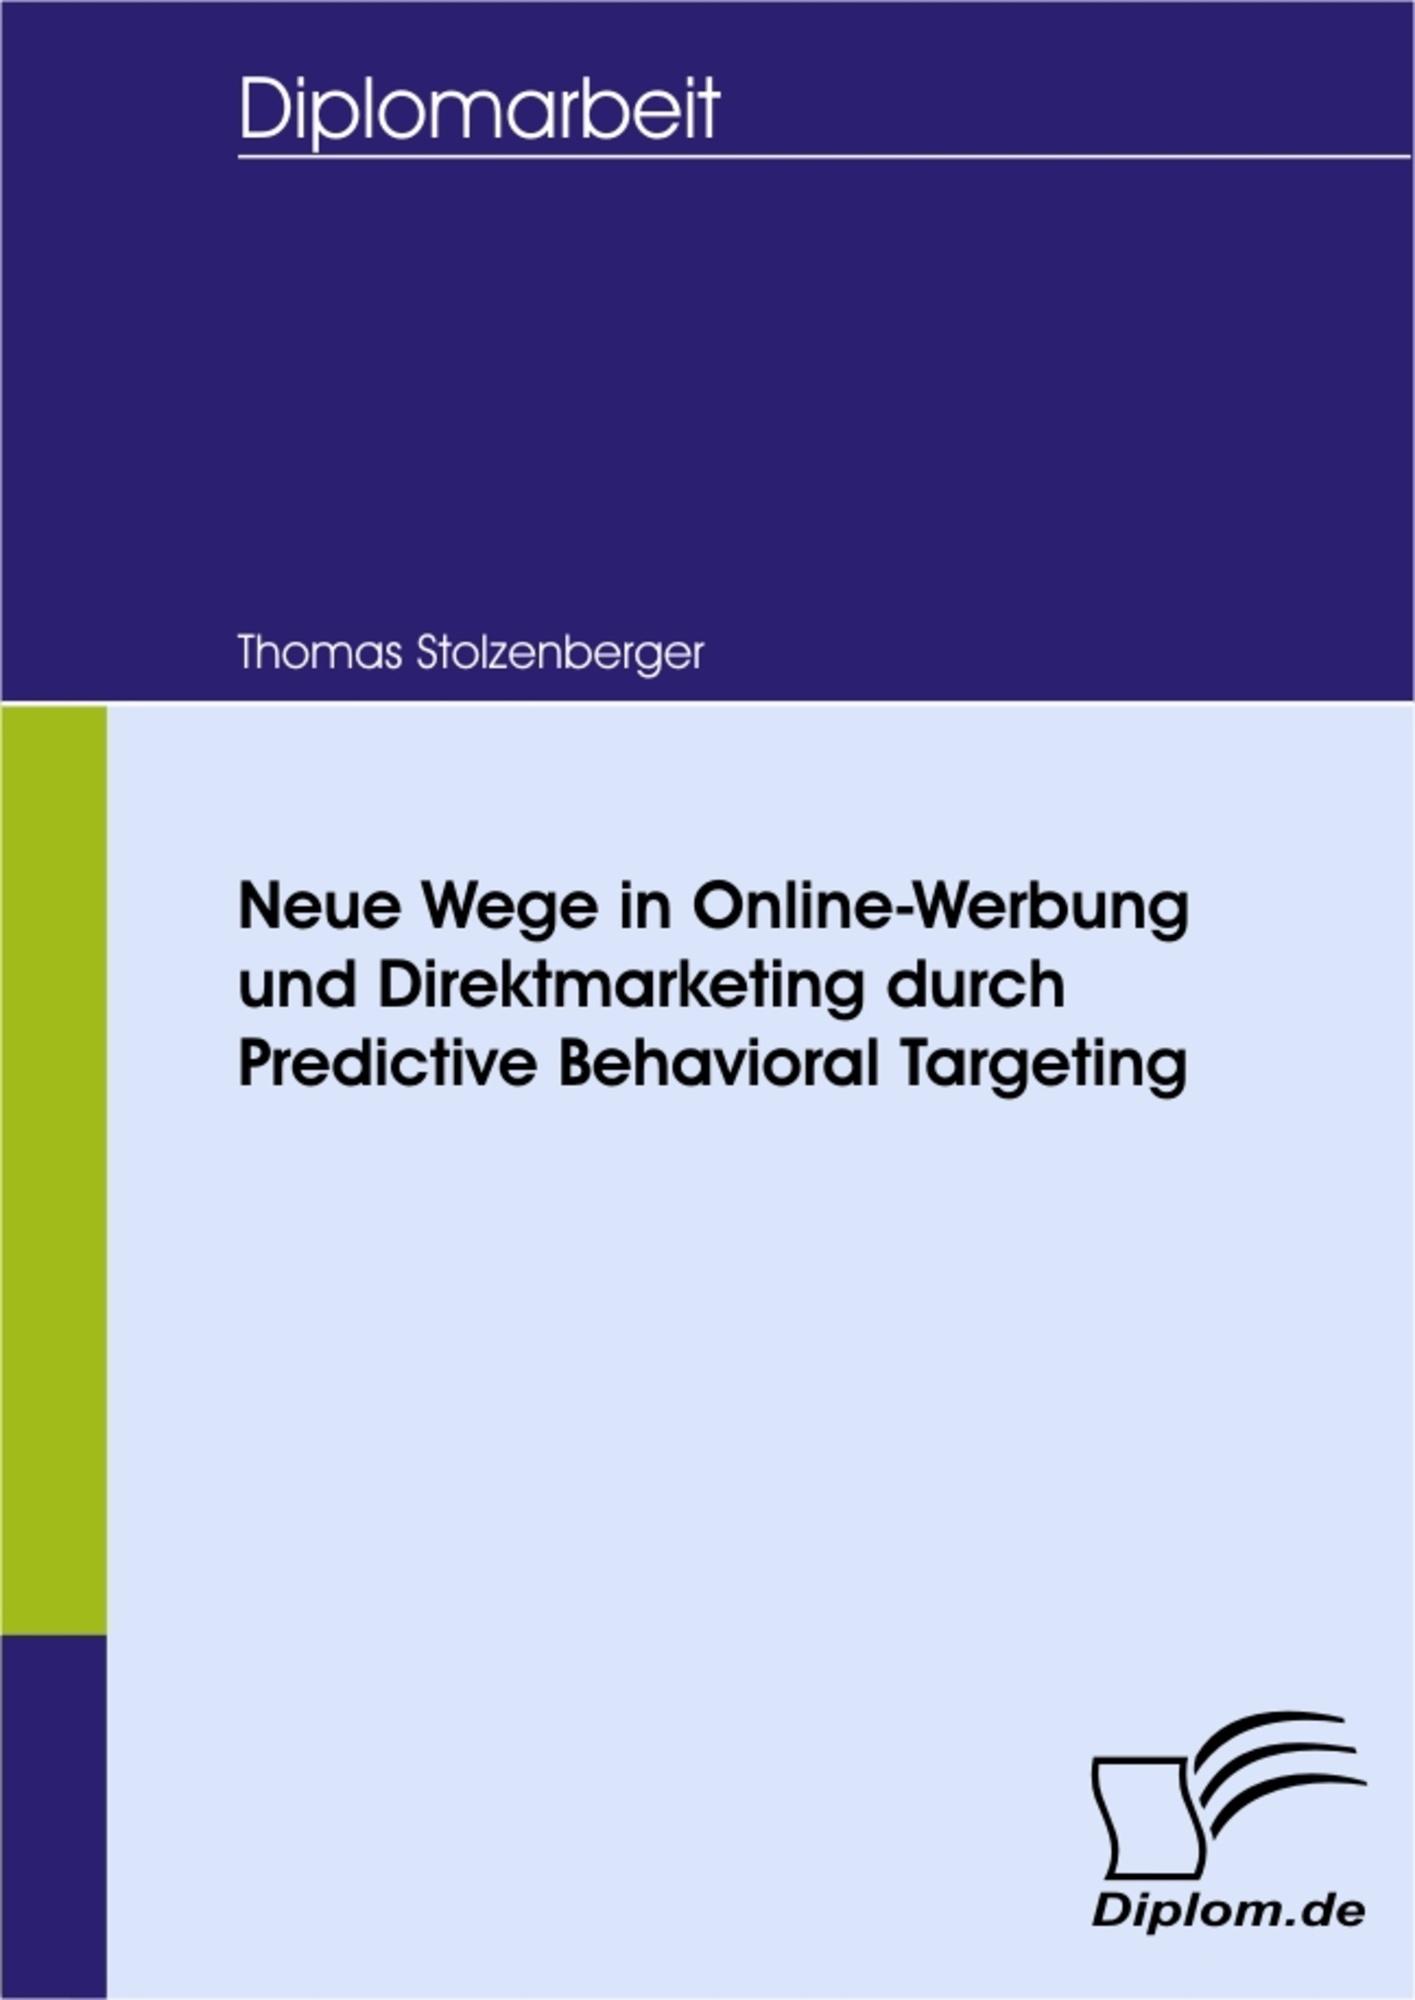 Neue Wege in Online-Werbung und Direktmarketing durch Predictive ...